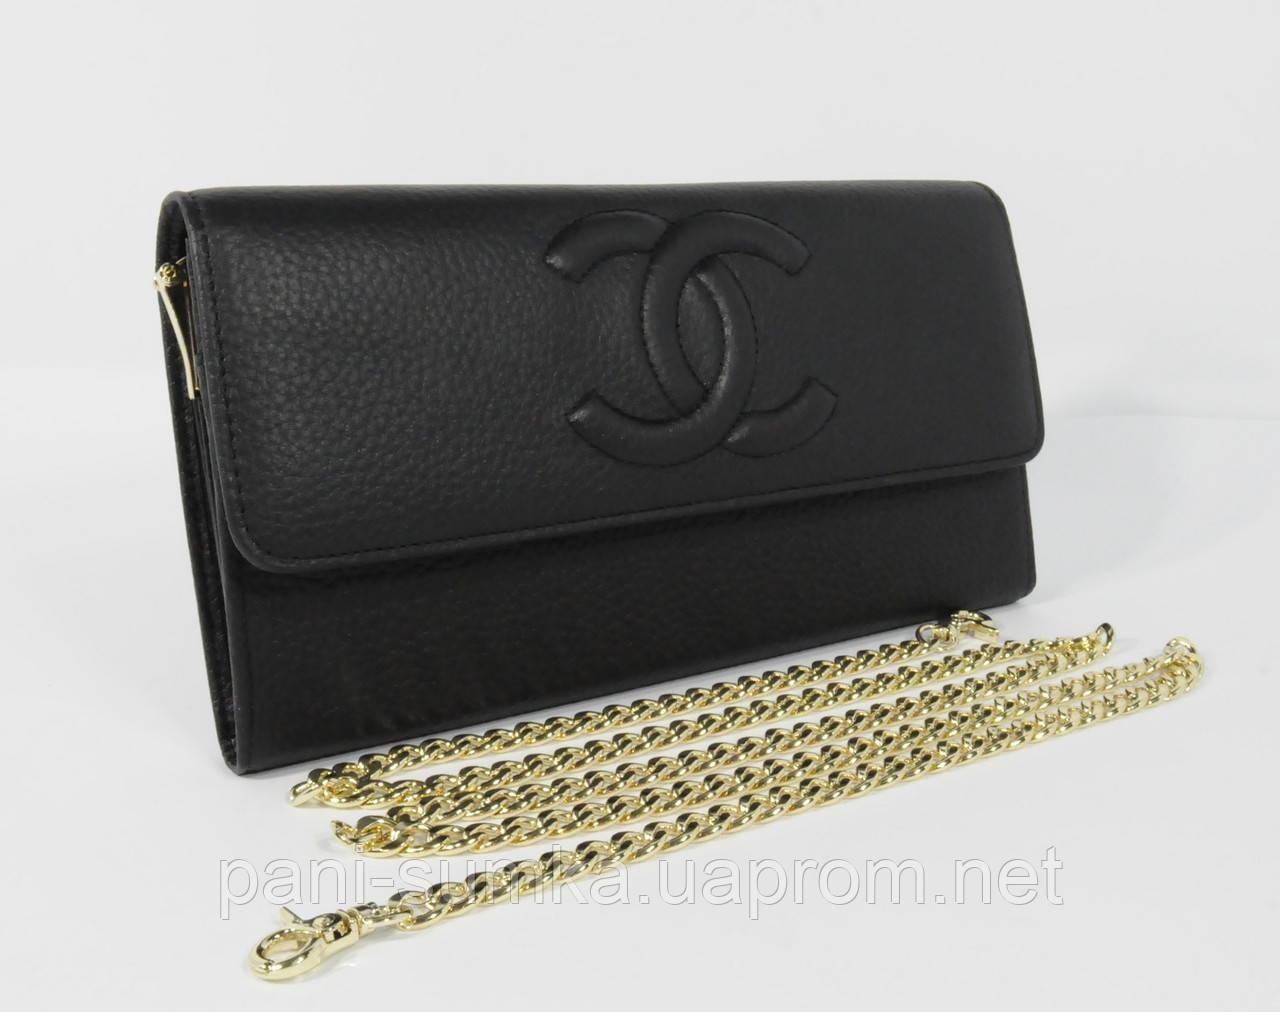 5df4ec3873dc Клатч женский кожаный Chanel 1137 черный на цепочке  продажа, цена в ...